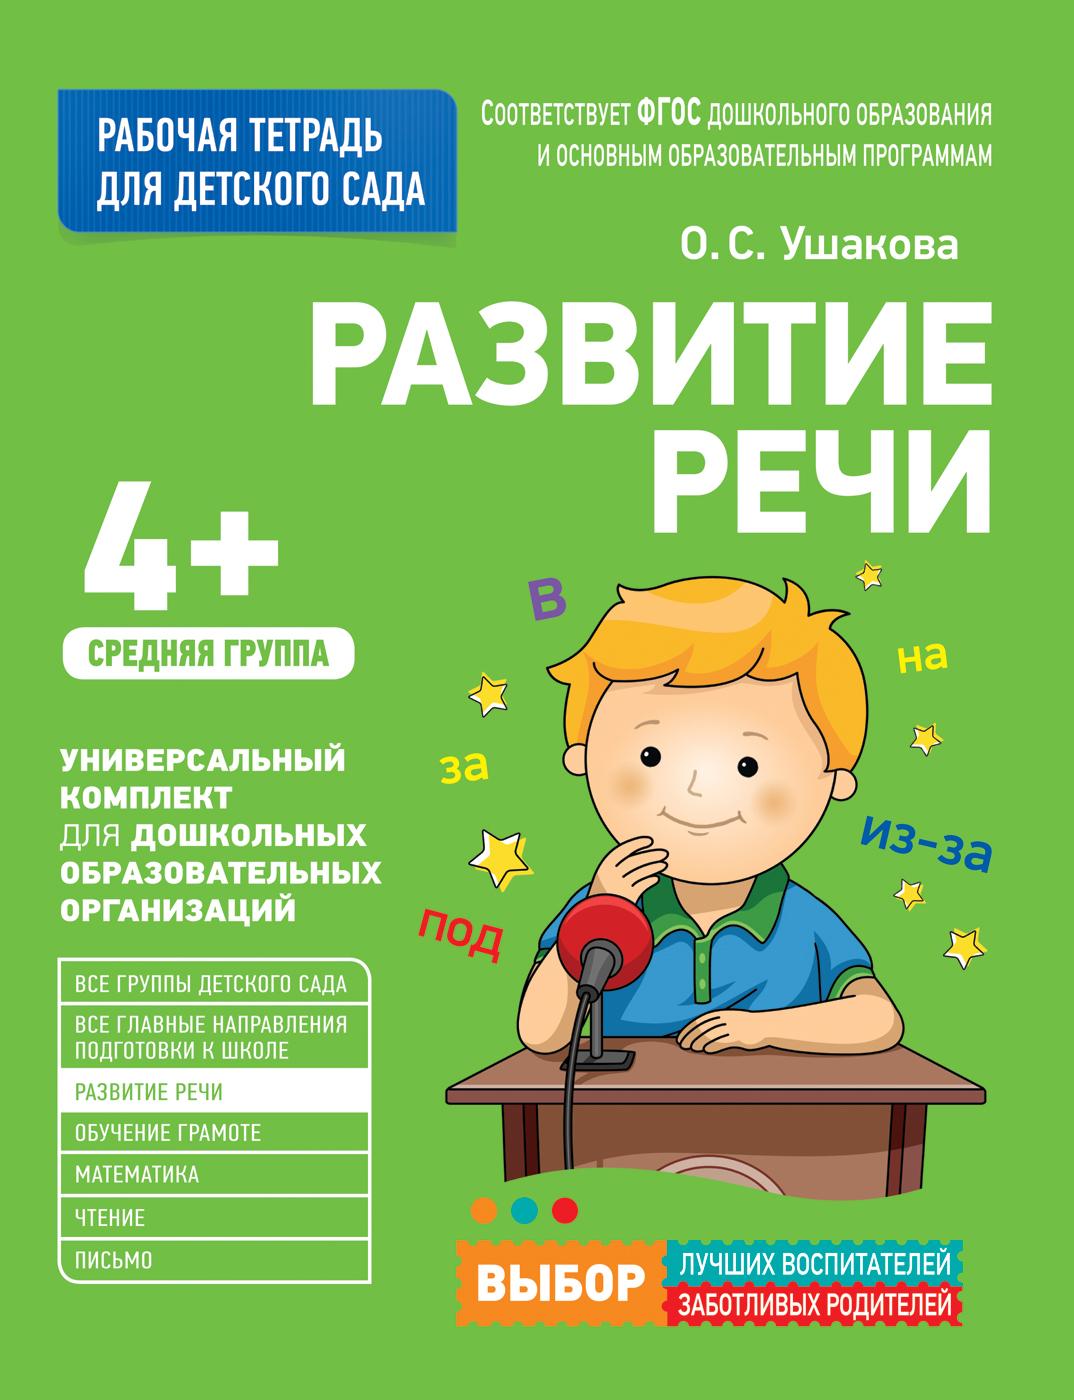 Для детского сада. Развитие речи. Средняя группа. Рабочая тетрадь